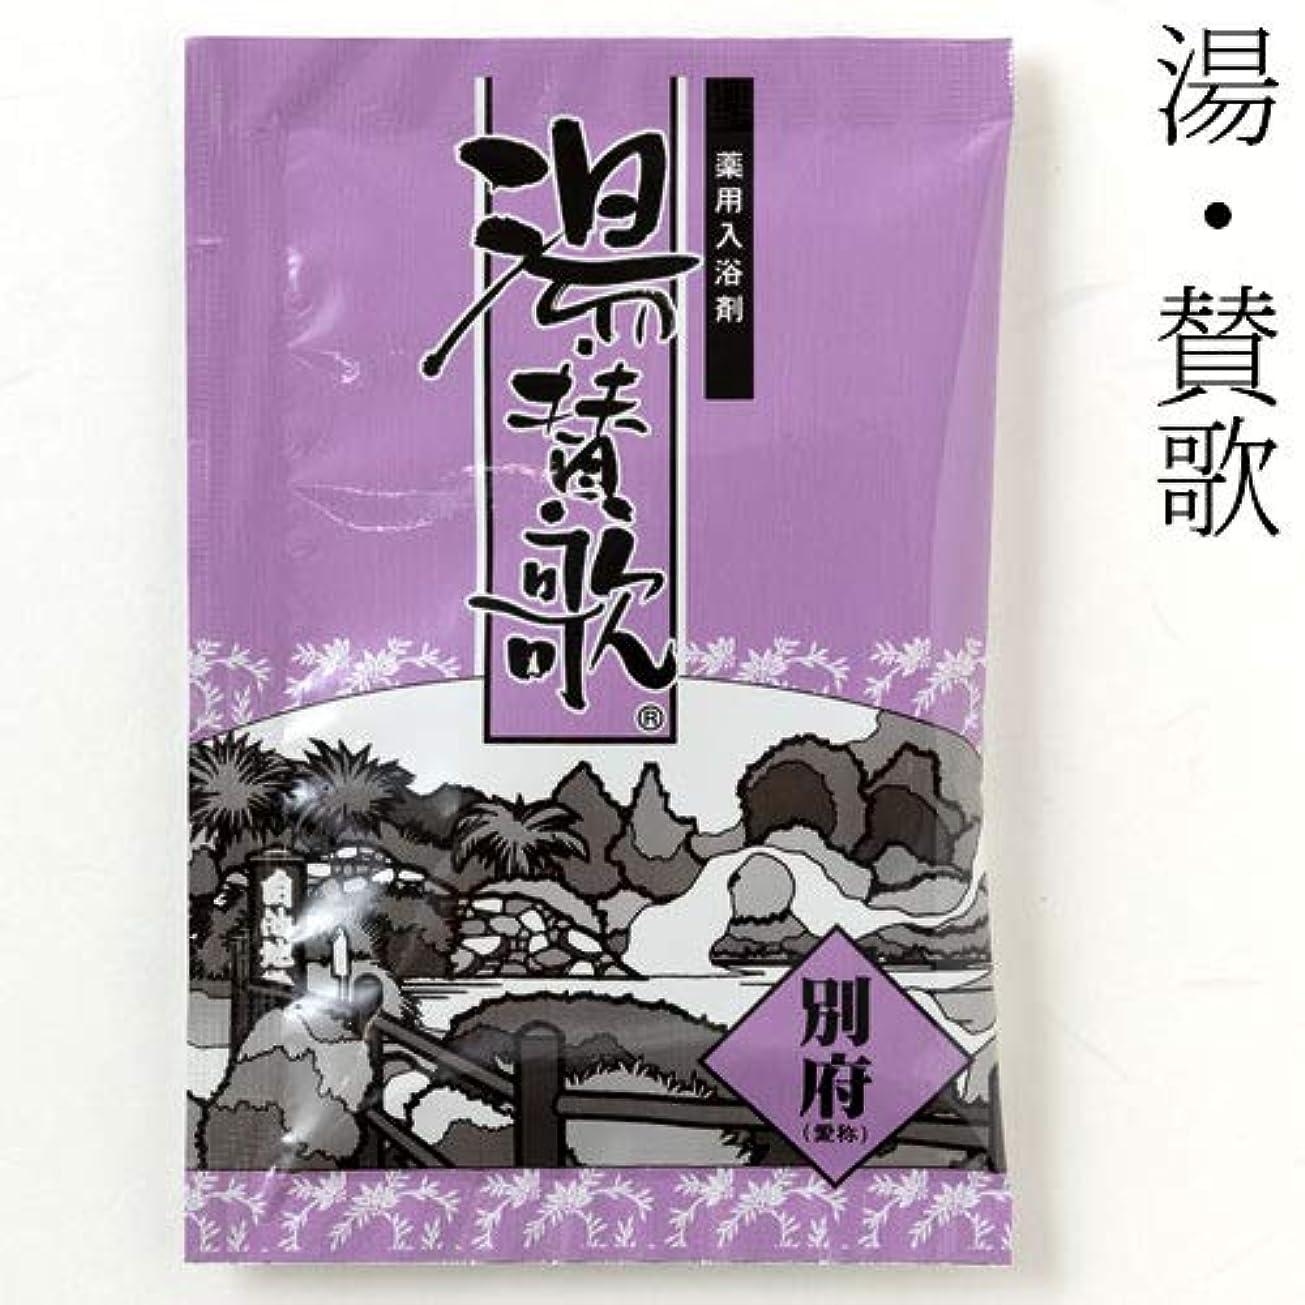 有害打撃貞入浴剤湯?賛歌別府1包石川県のお風呂グッズBath additive, Ishikawa craft